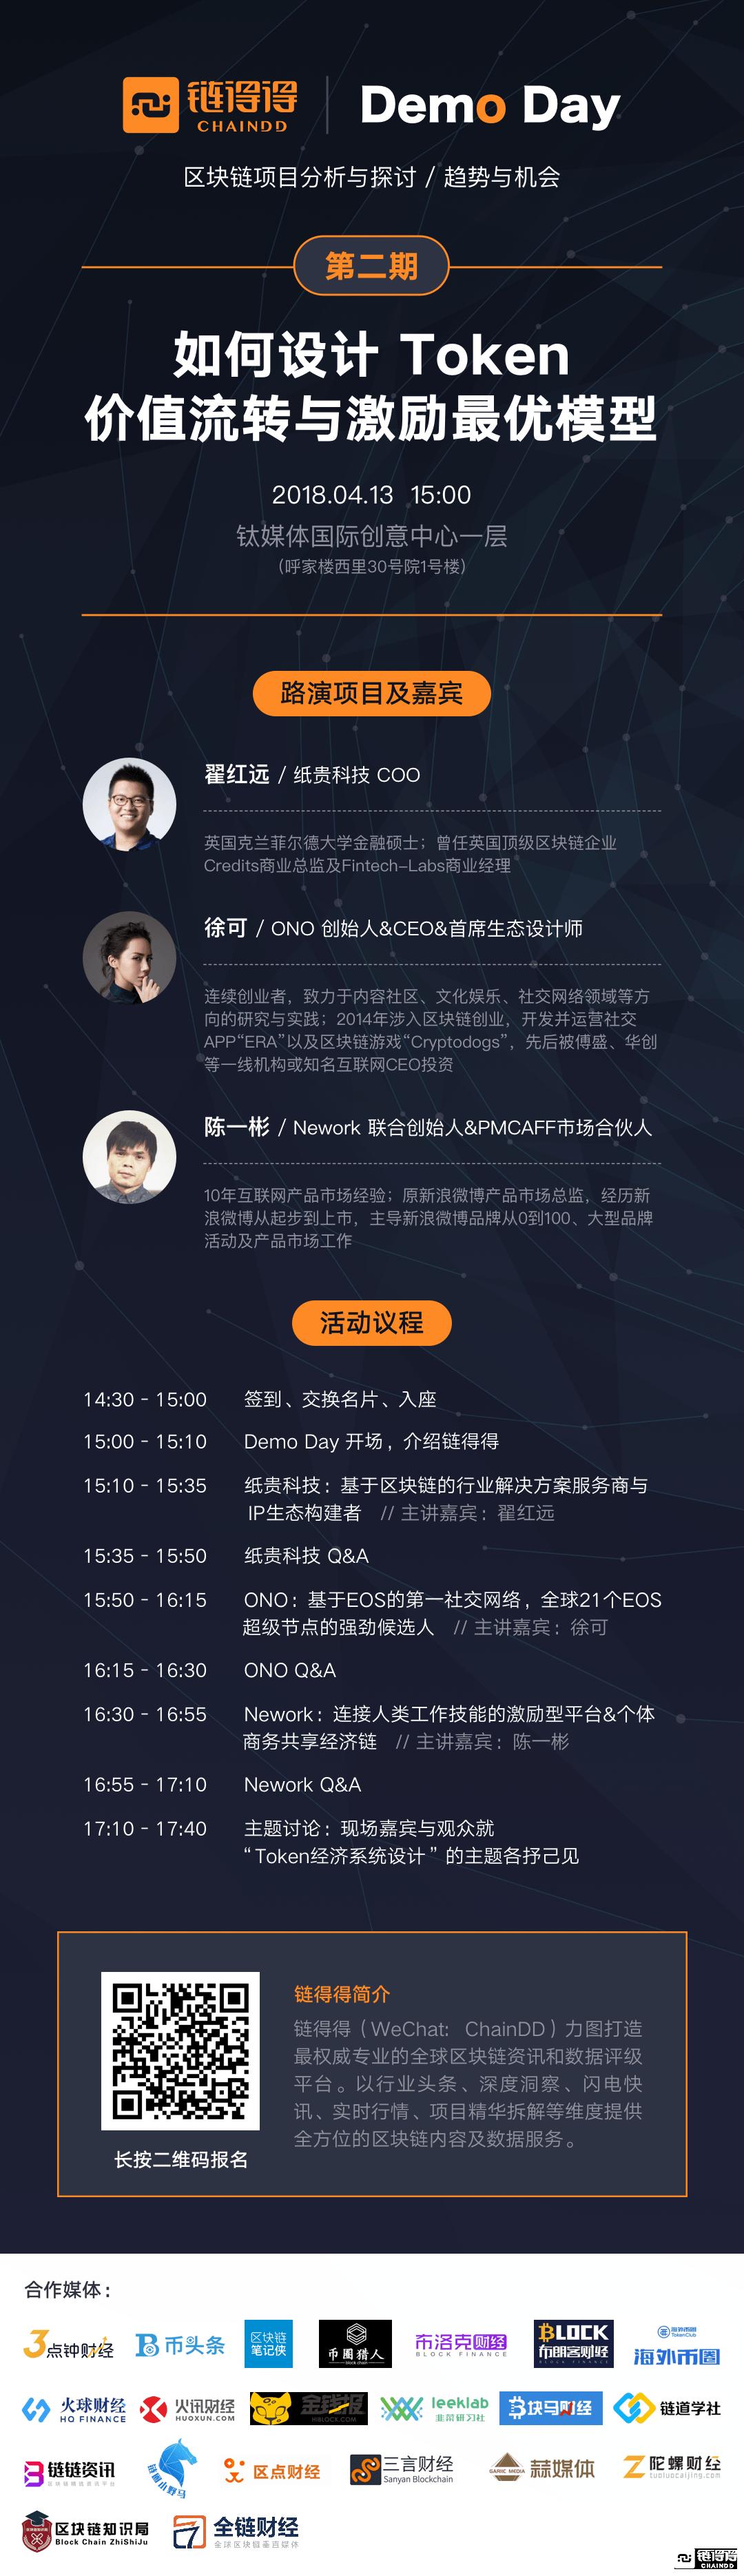 【链得得Demo Day】第二期:聚焦Token Economy System